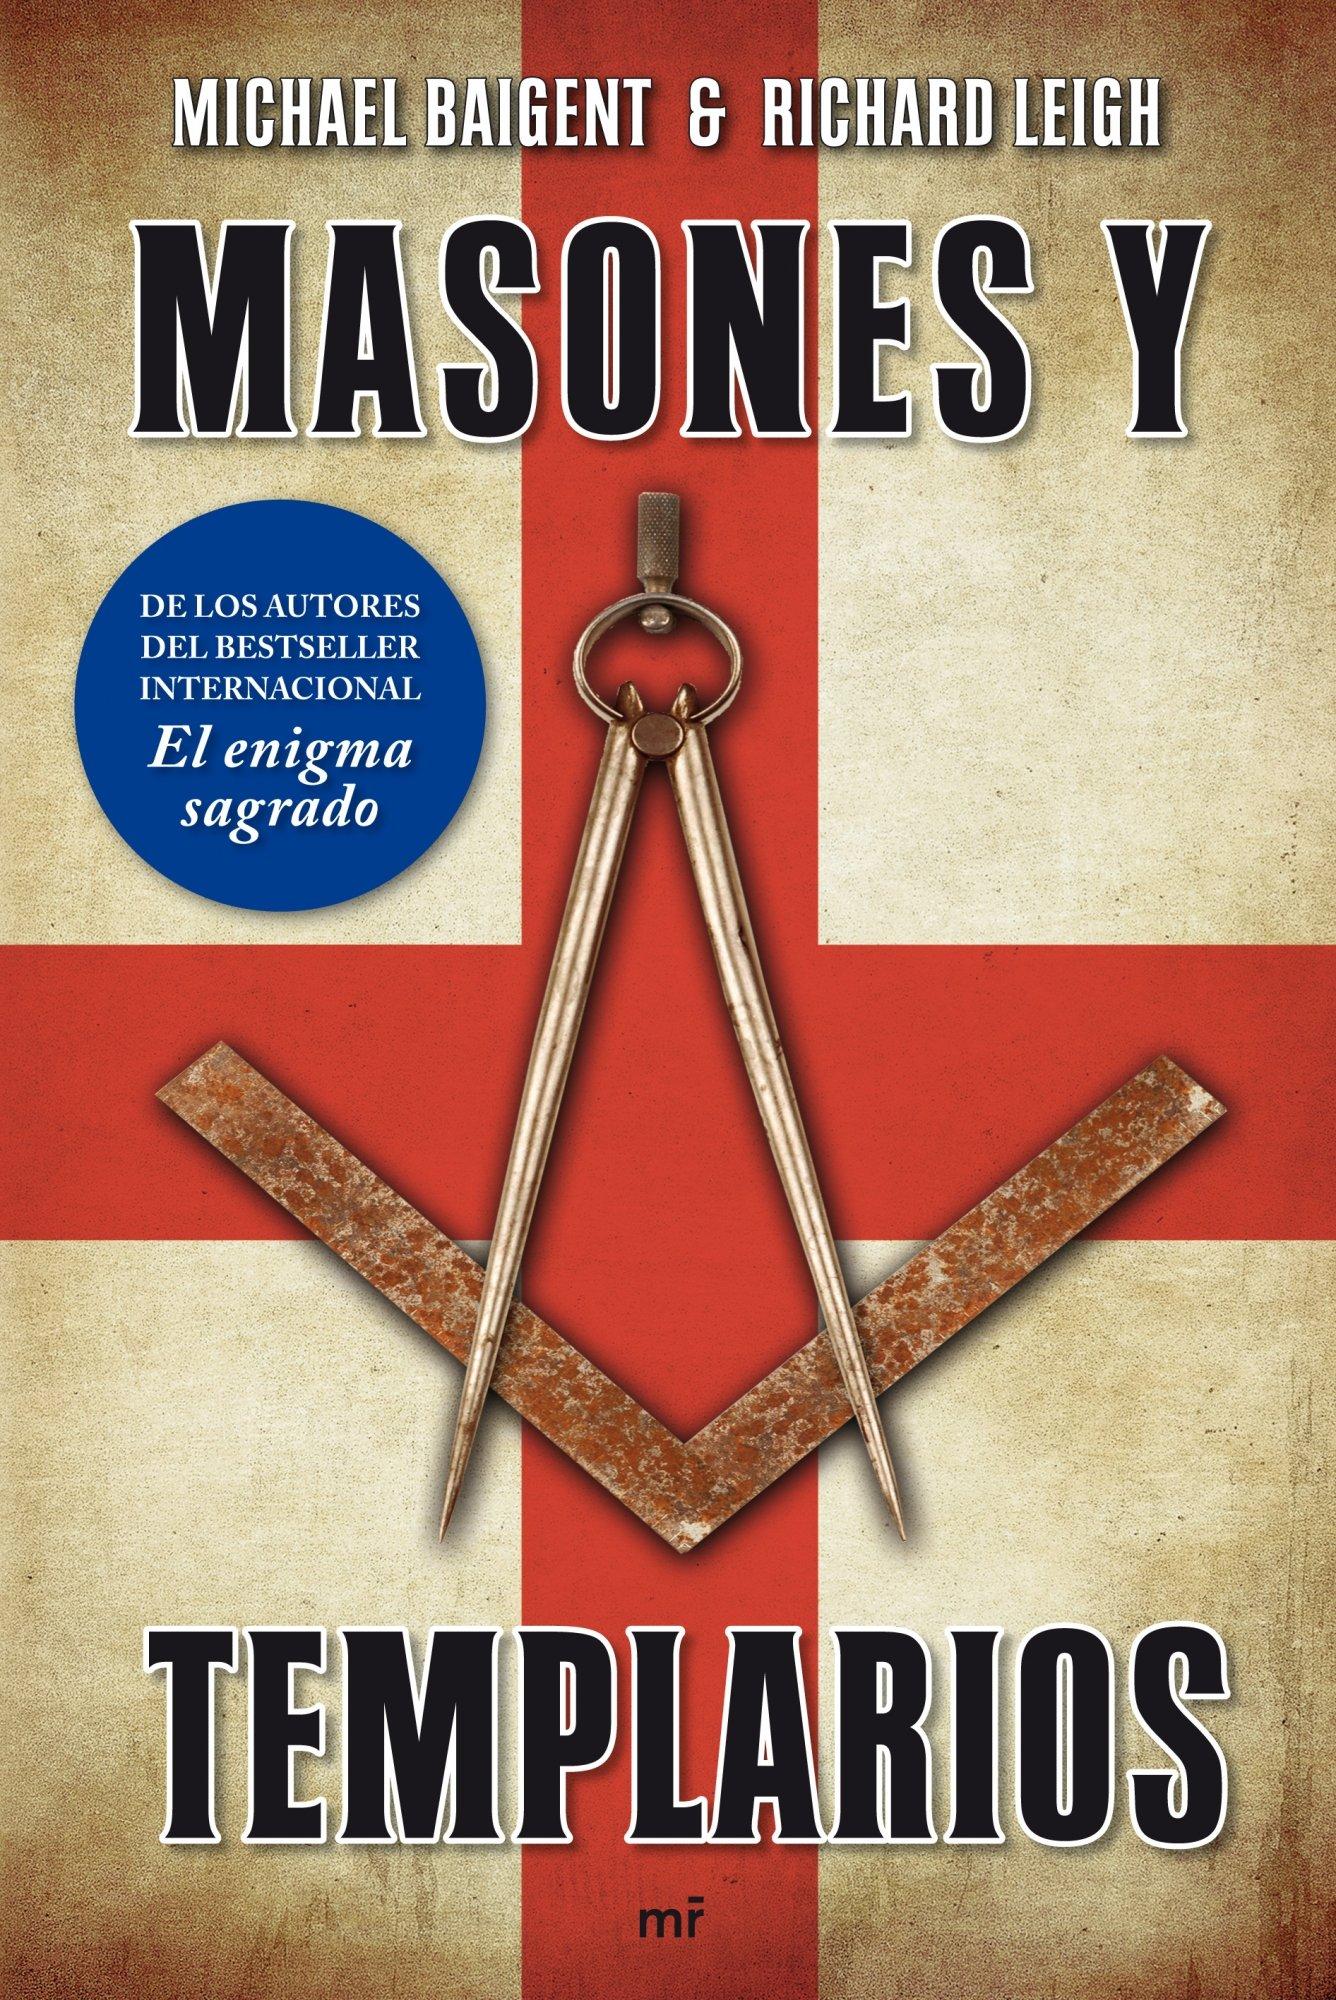 Masones y templarios: De los autores del bestseller internacional El enigma sagrado MR Dimensiones: Amazon.es: Baigent, Michael, Leigh, Richard: Libros